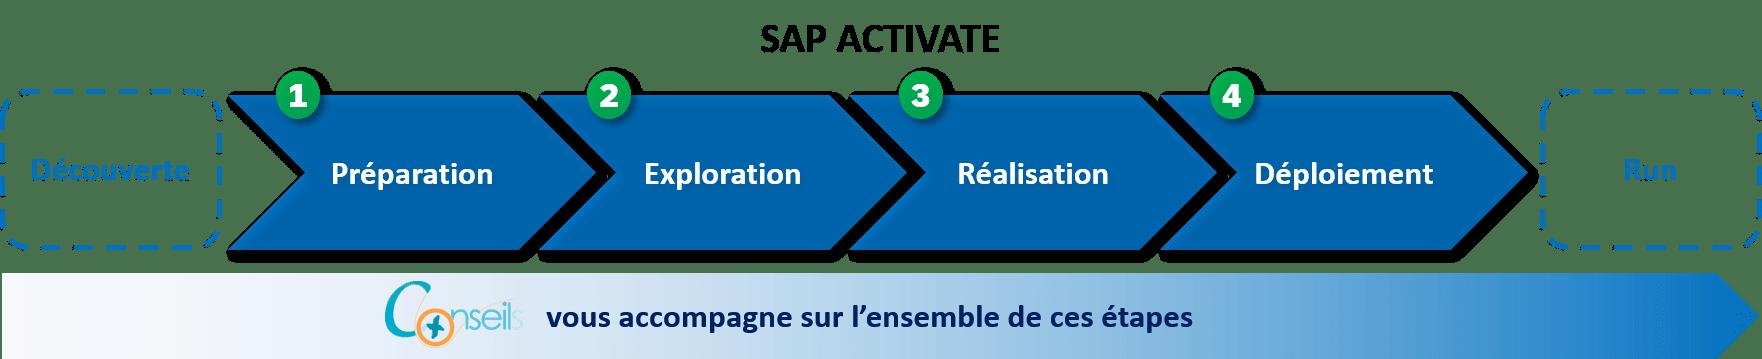 Méthodologie d'implémentation ERP SAP Activate